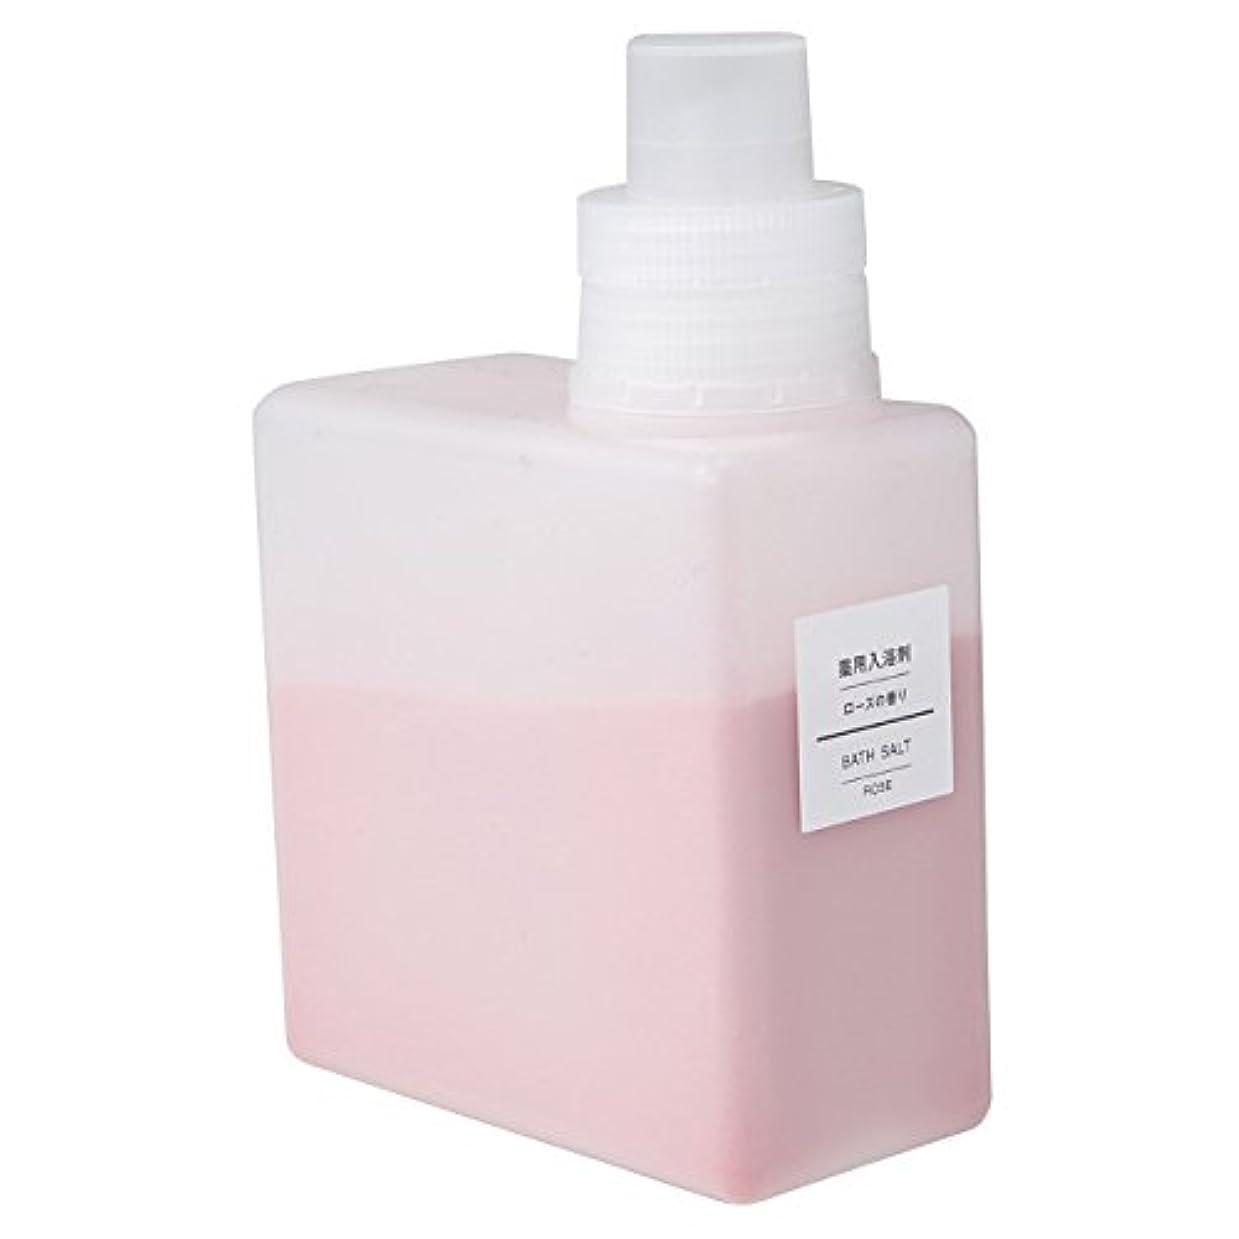 社会科上にスポークスマン無印良品 薬用入浴剤?ローズの香り (新)500g 日本製